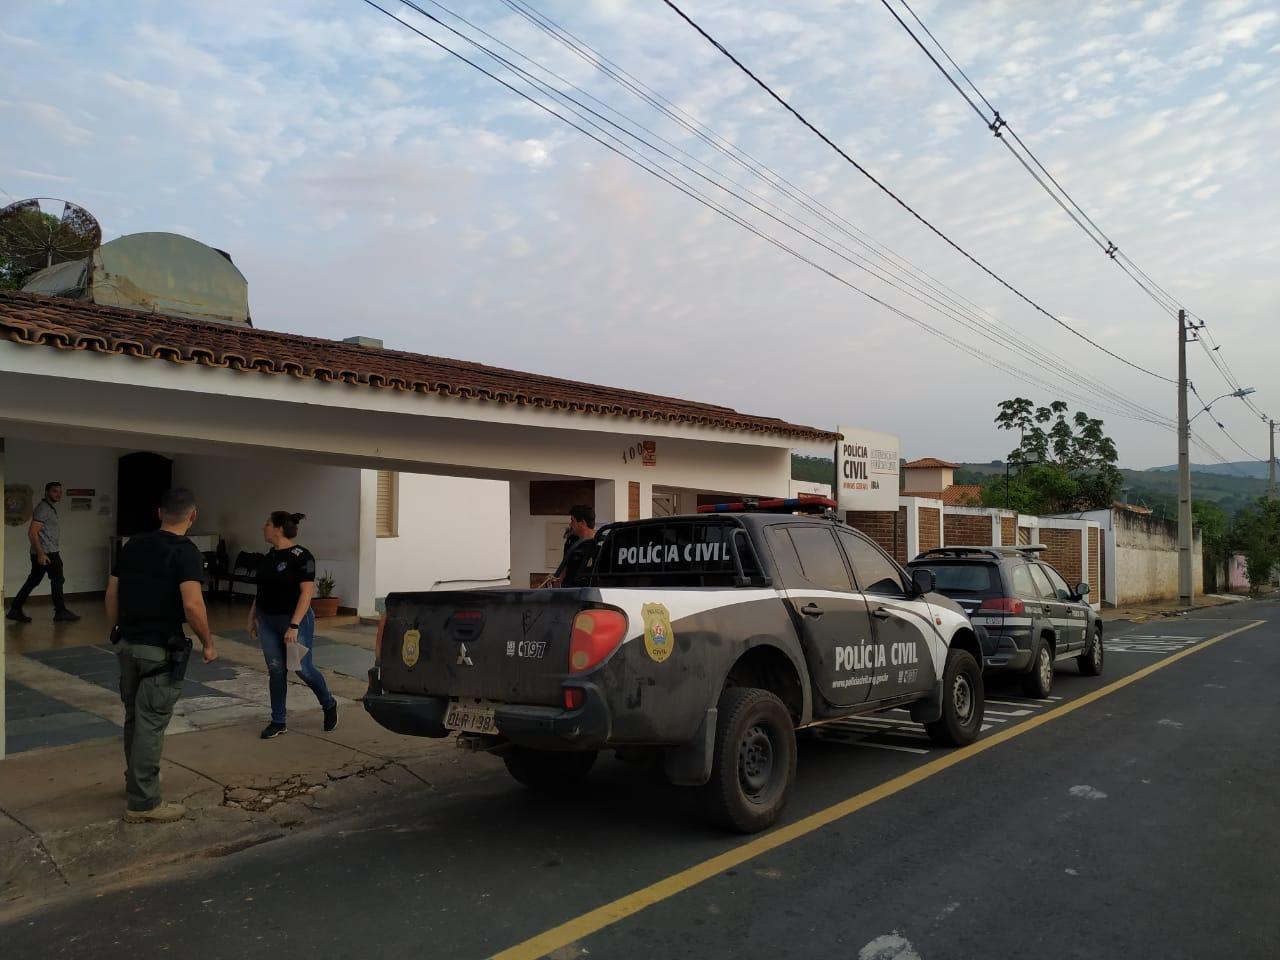 Jovem é preso em Ibiá suspeito de furto e desvio de carga avaliada em R$ 35 mil